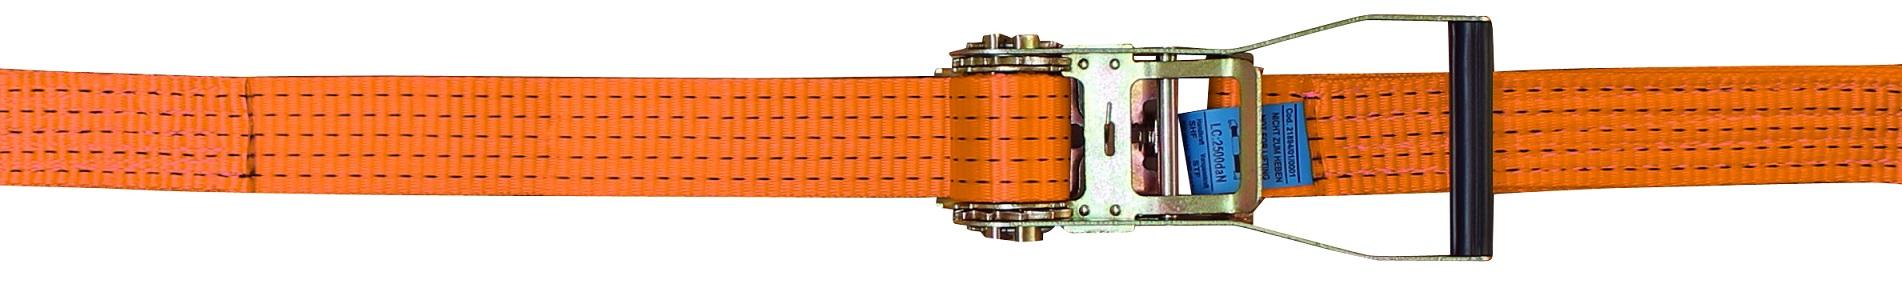 Ratschen Gurt Cargo 50 mm | 5.000 daN